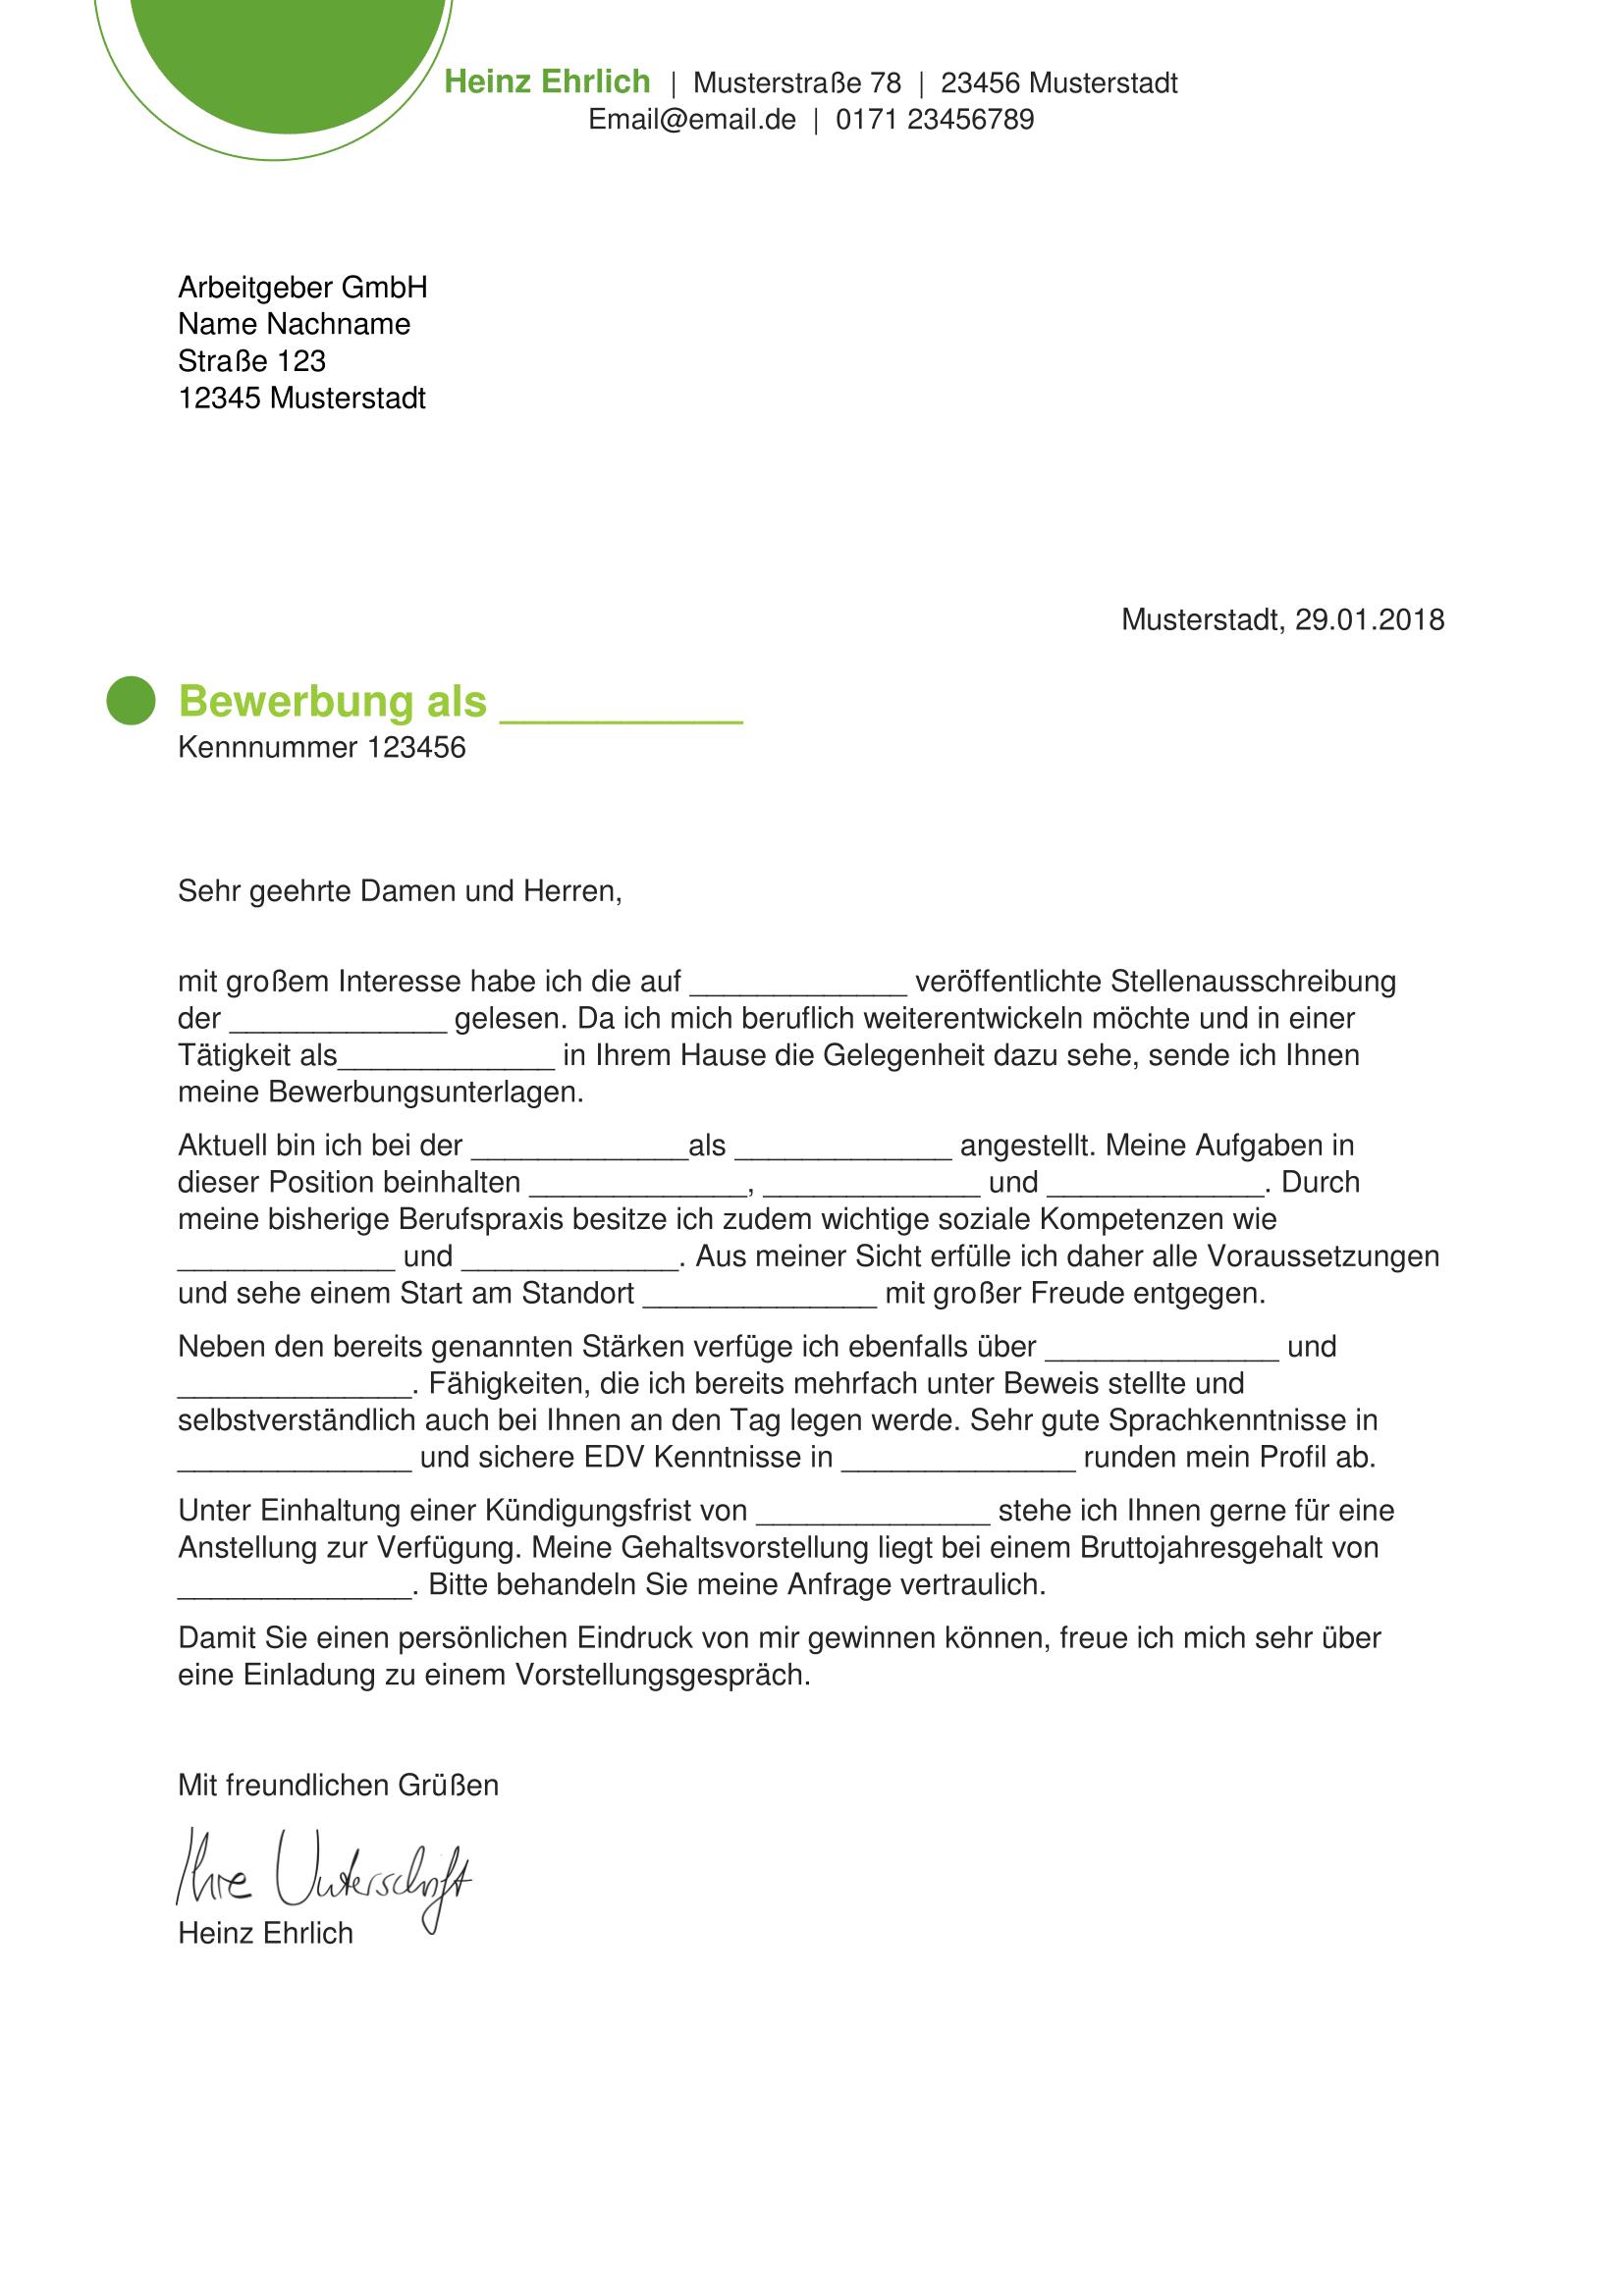 Deutsch Brief Machen Deutsch Machen Musterdeckblattbewerbung In 2020 Bewerbung Briefvorlagen Bewerbung Schreiben